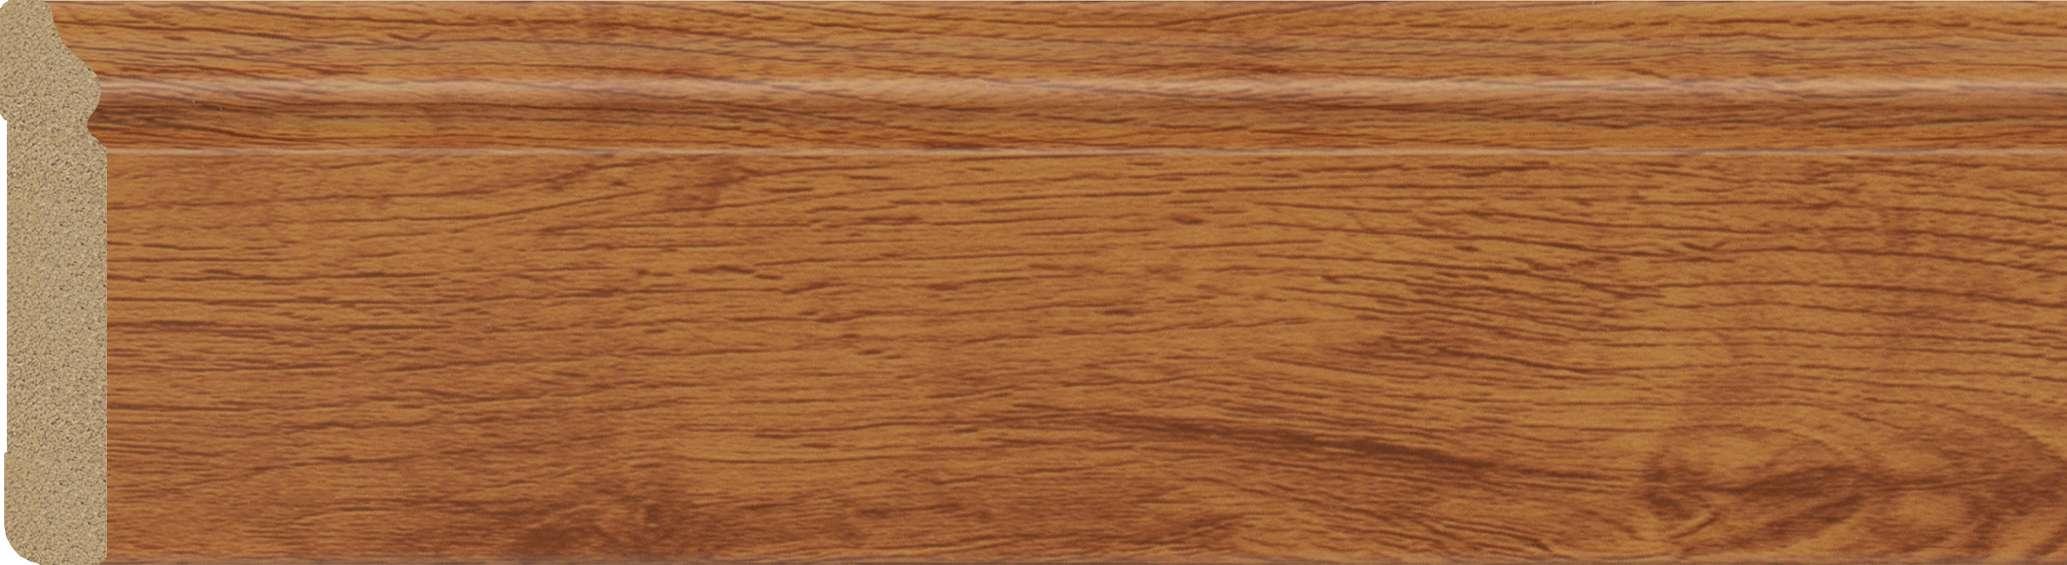 walnut plastic skirting board